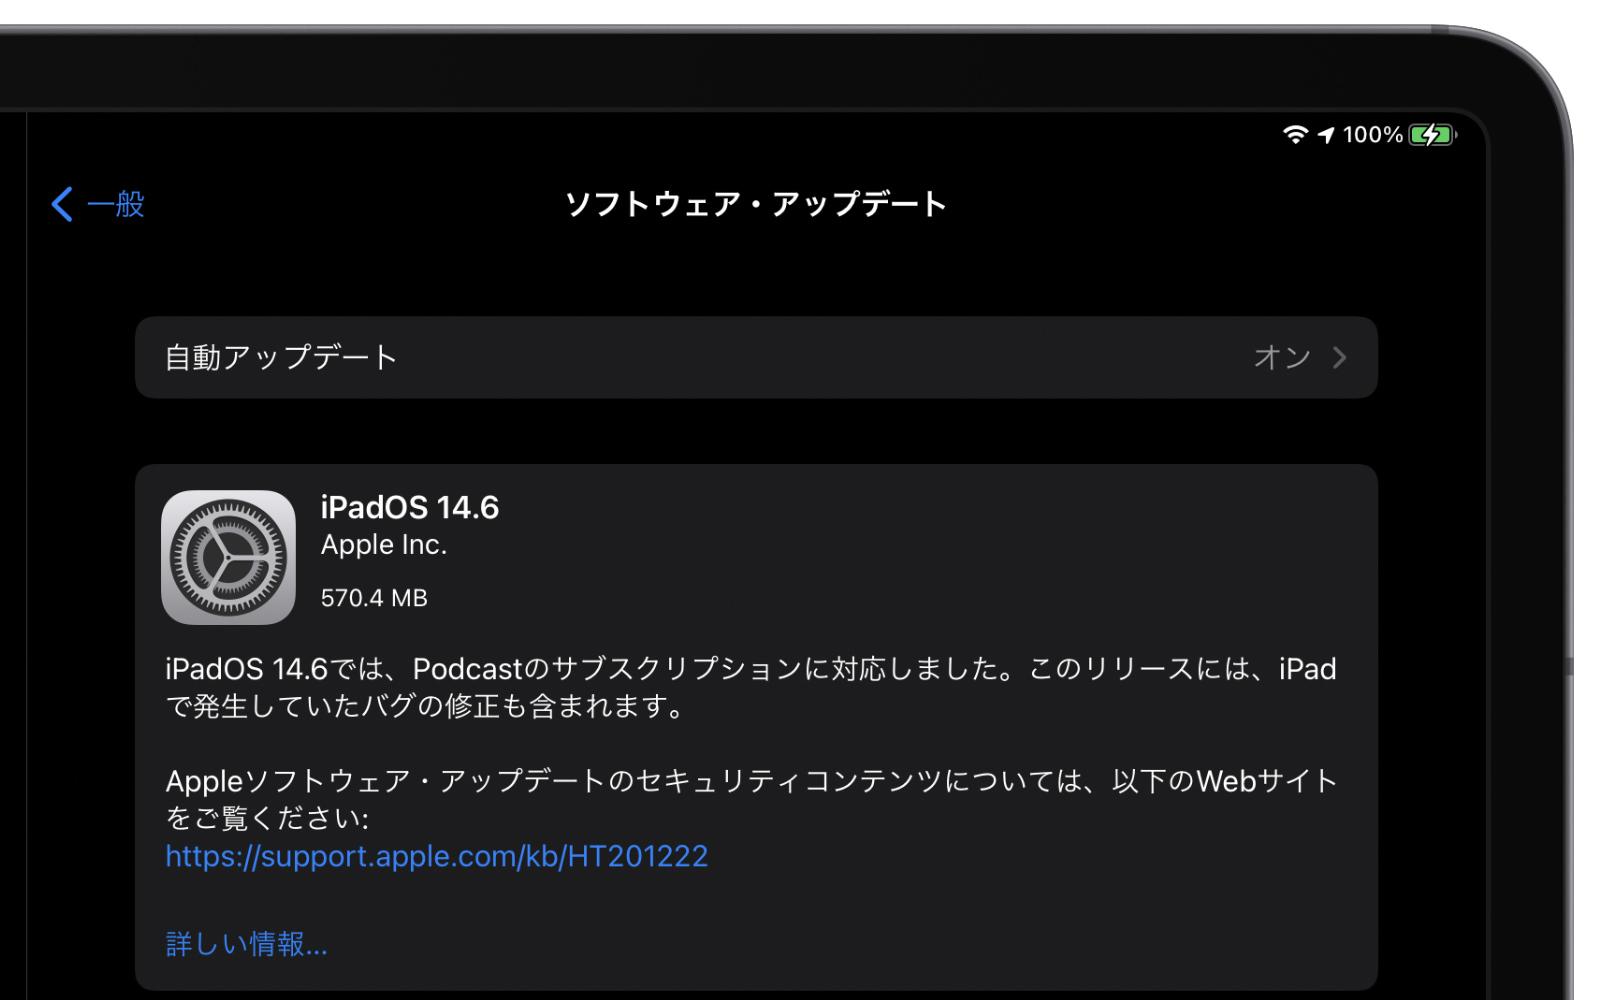 IpadOS 14 6 update